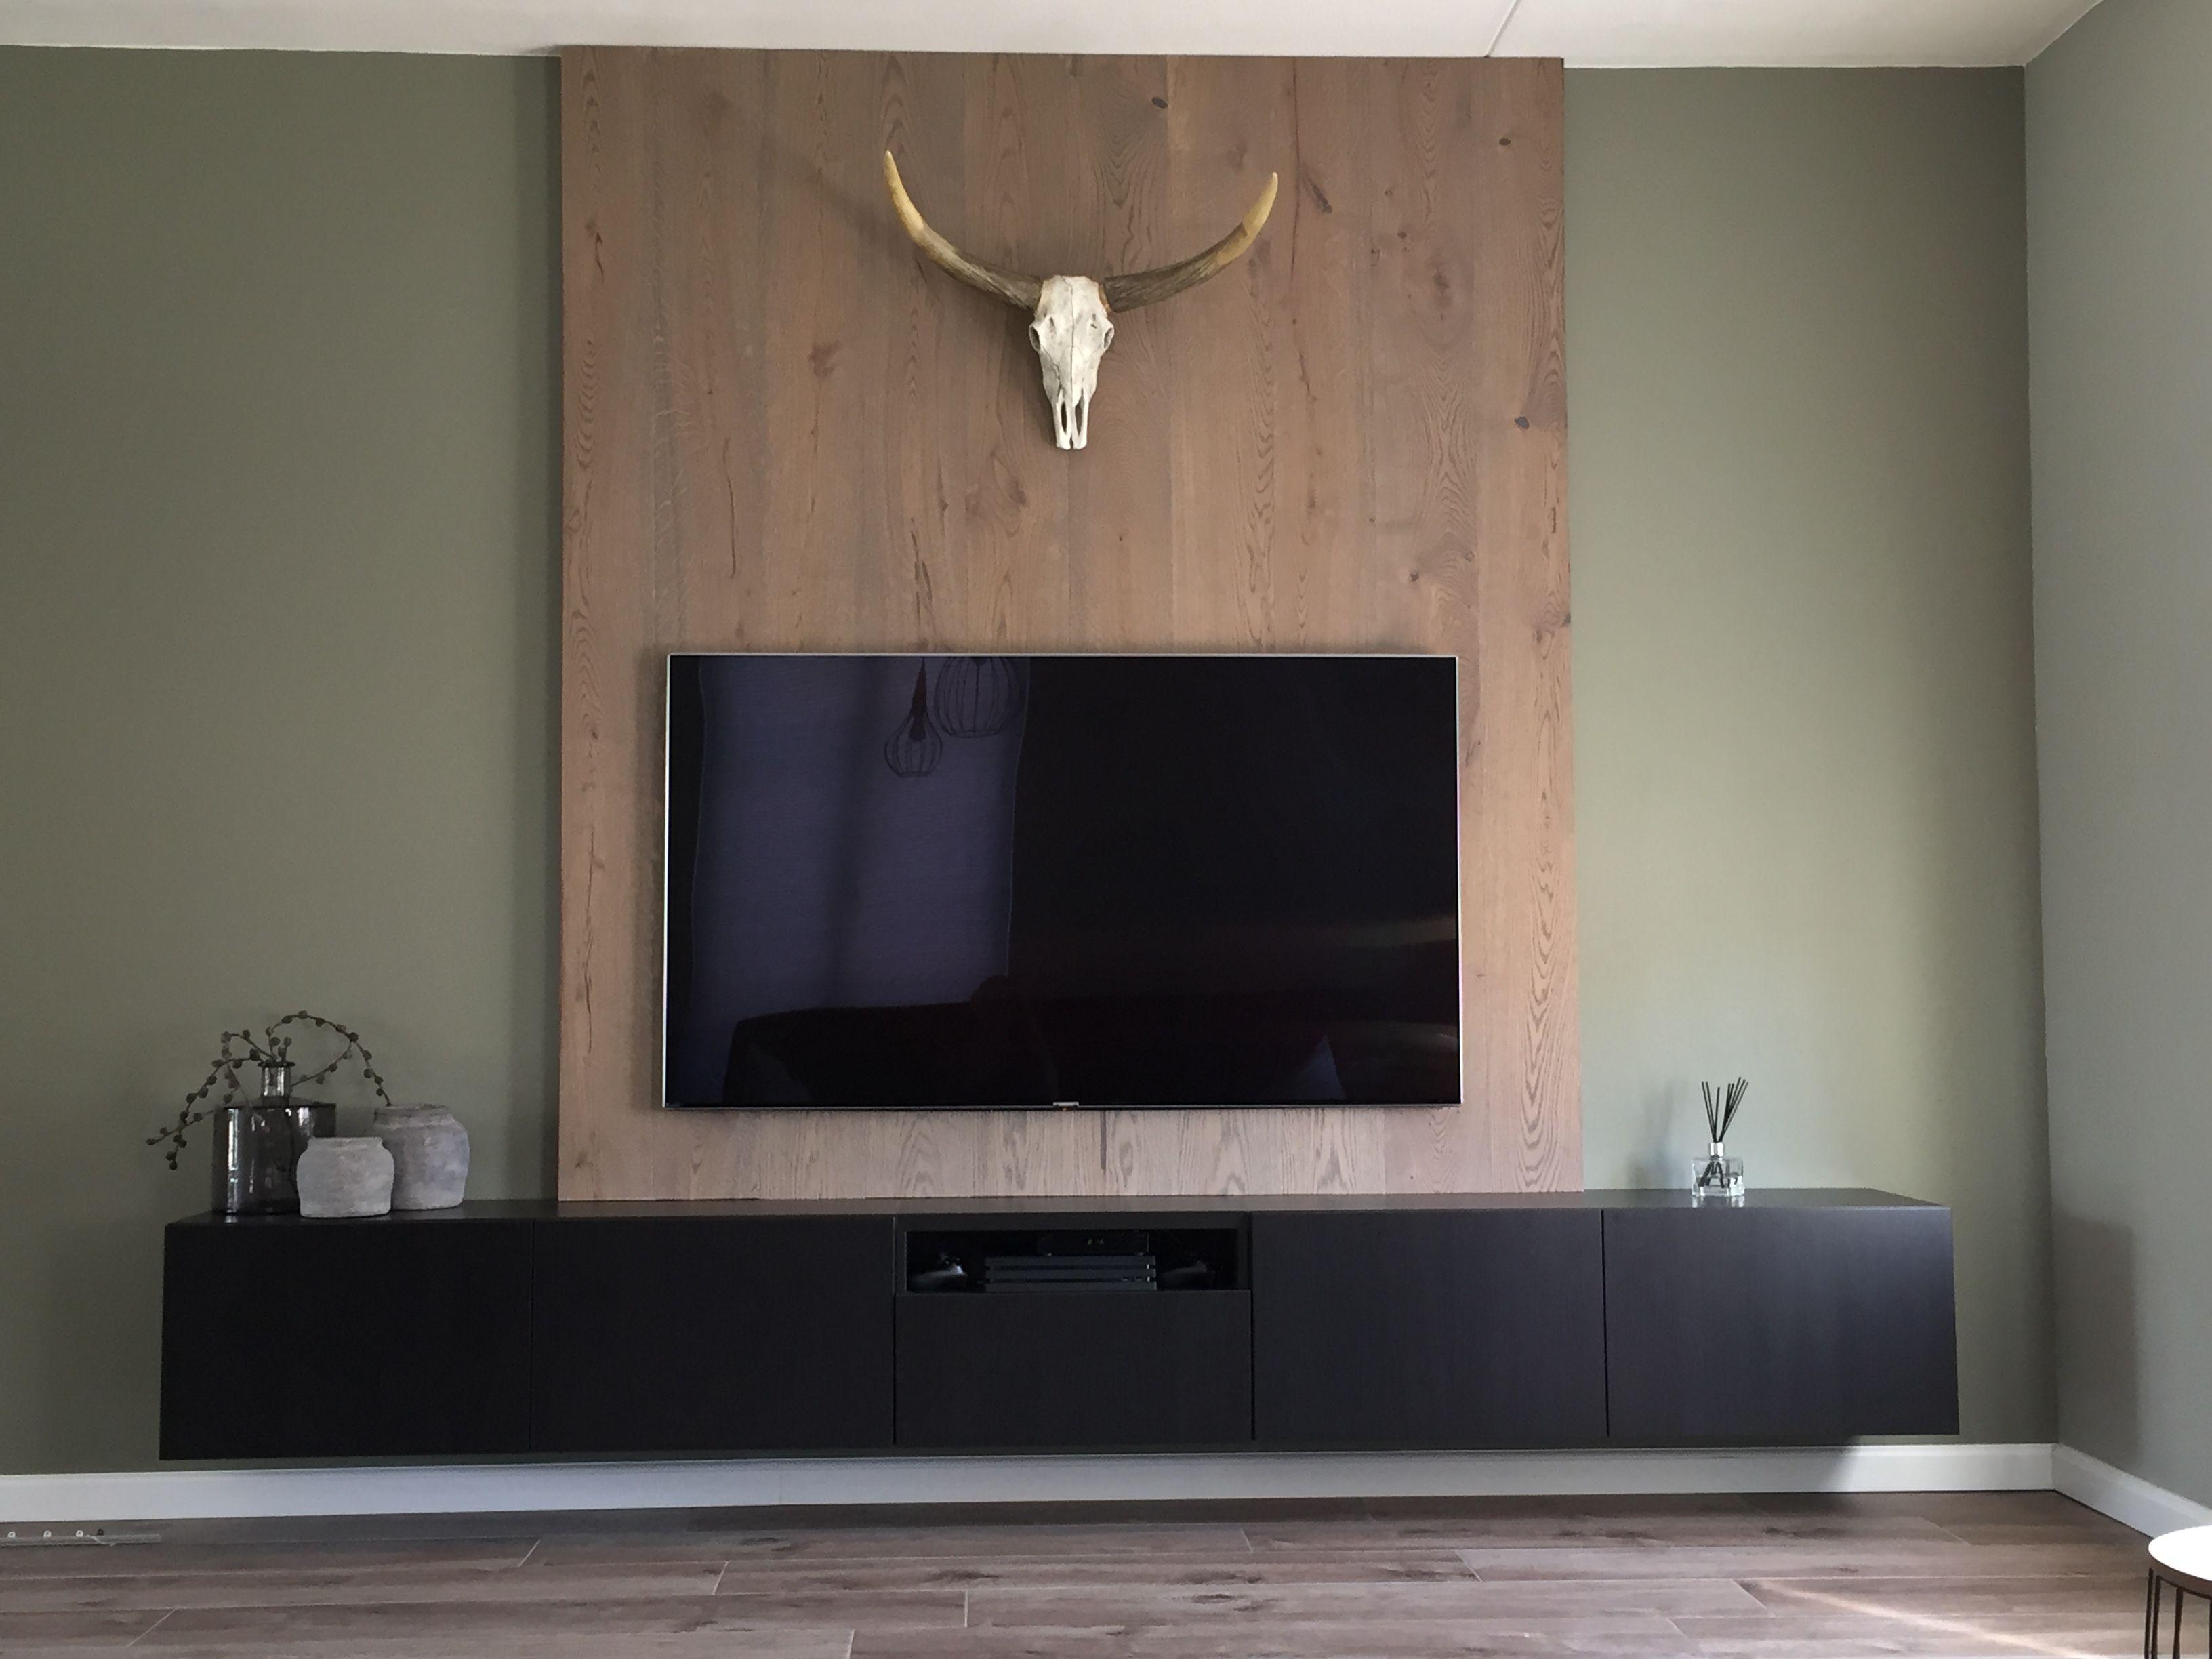 TV meubel Ikea  houten achterwand  Huis in 2019  Tv